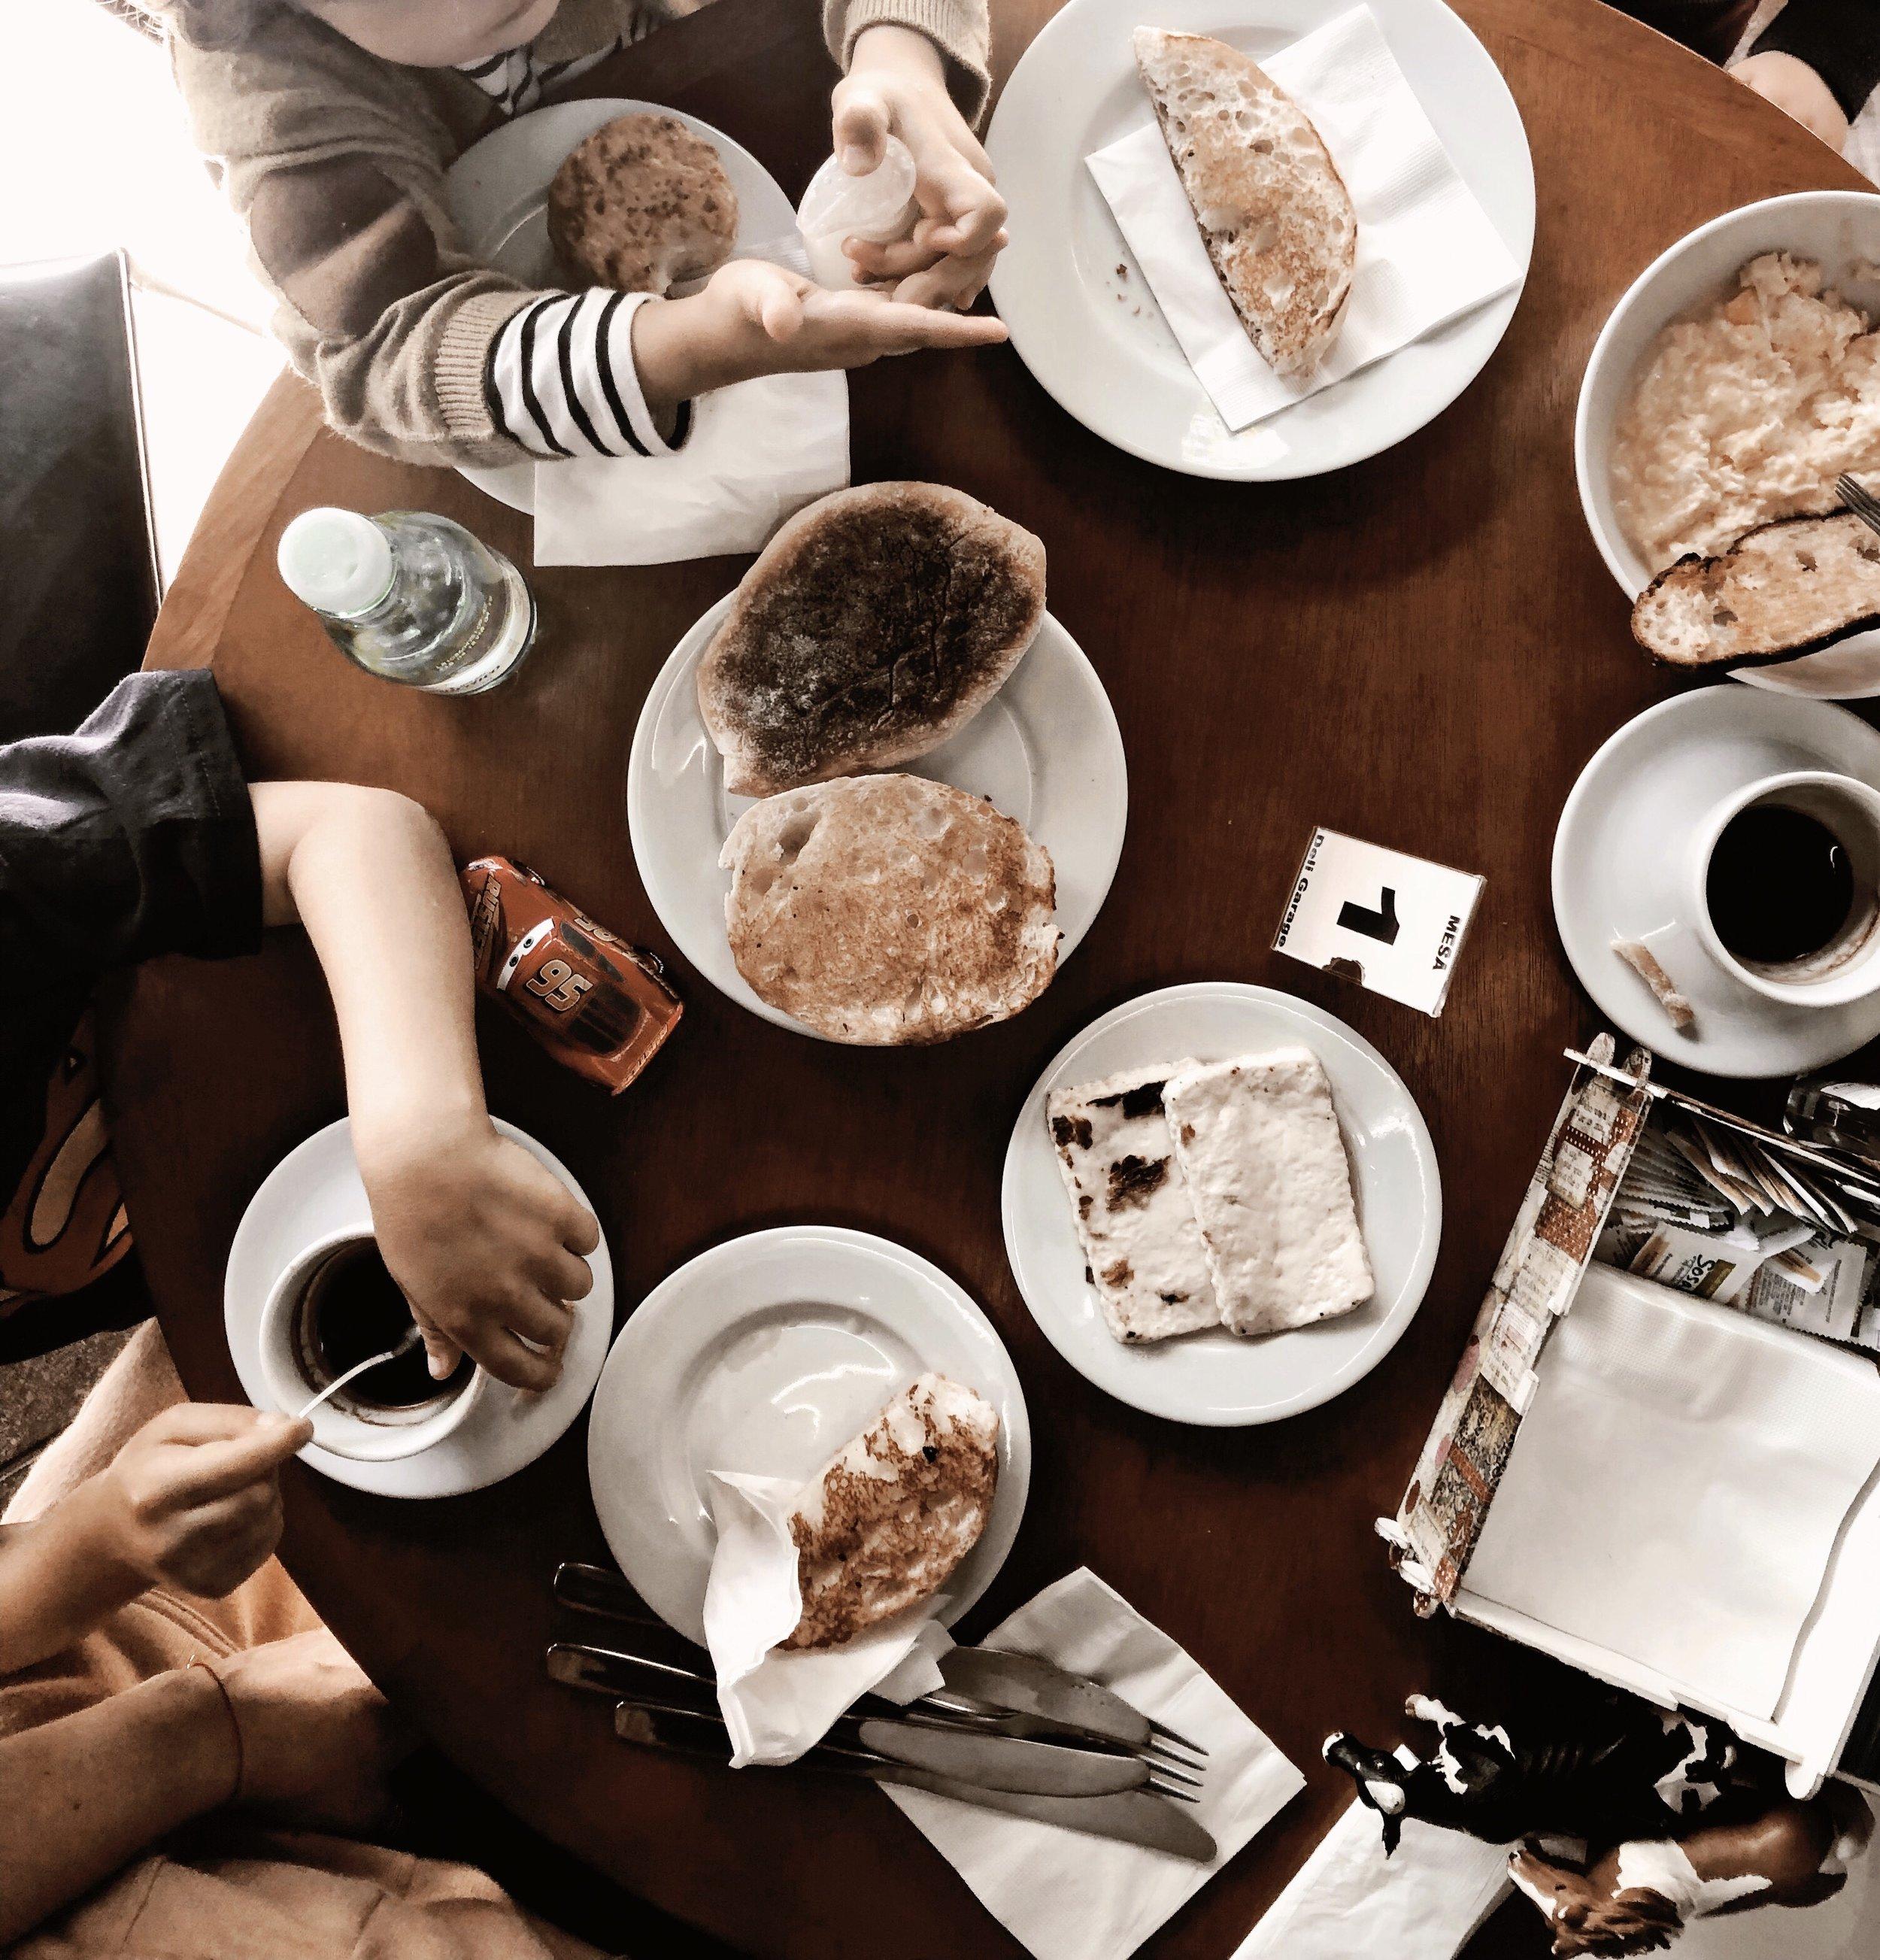 dicas restaurantes criancas lolla - 12 Dicas para comer fora com as crianças